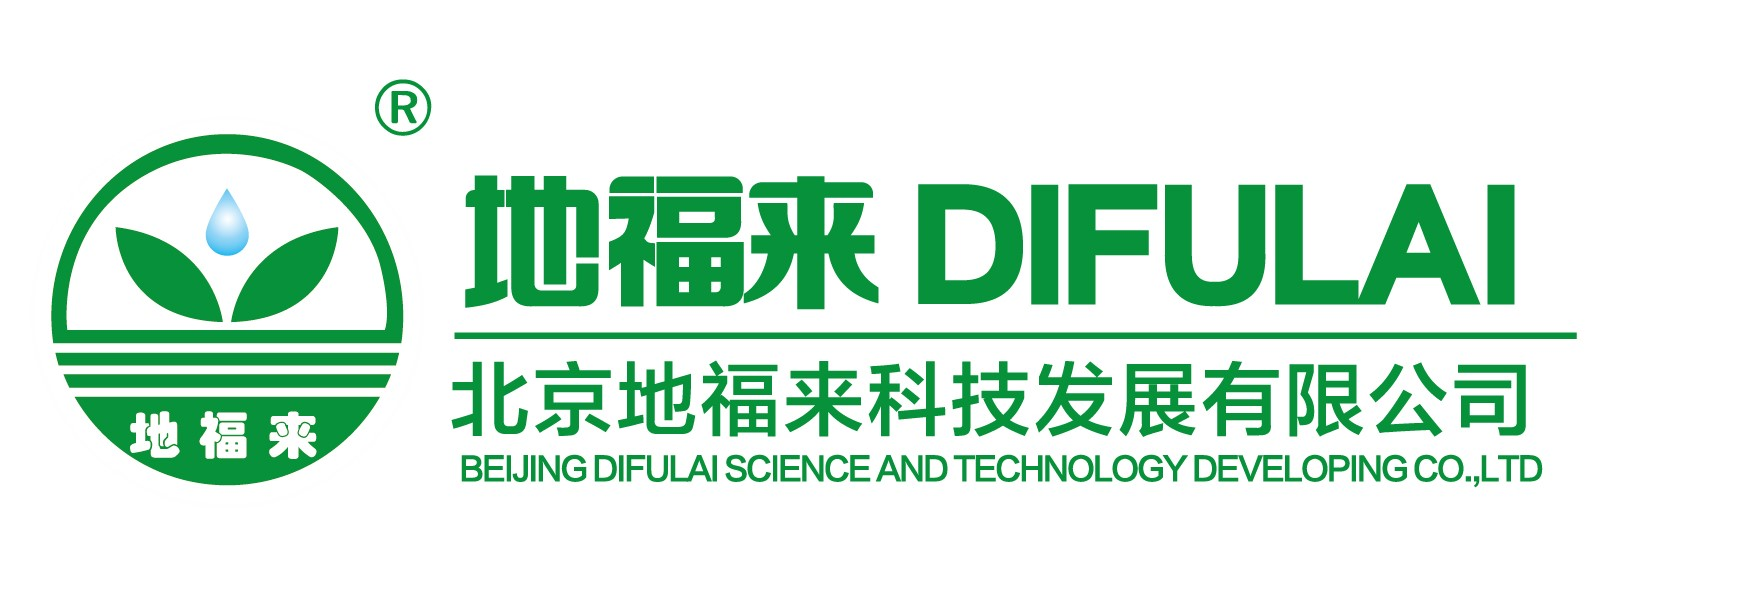 北京地福来科技发展有限公司